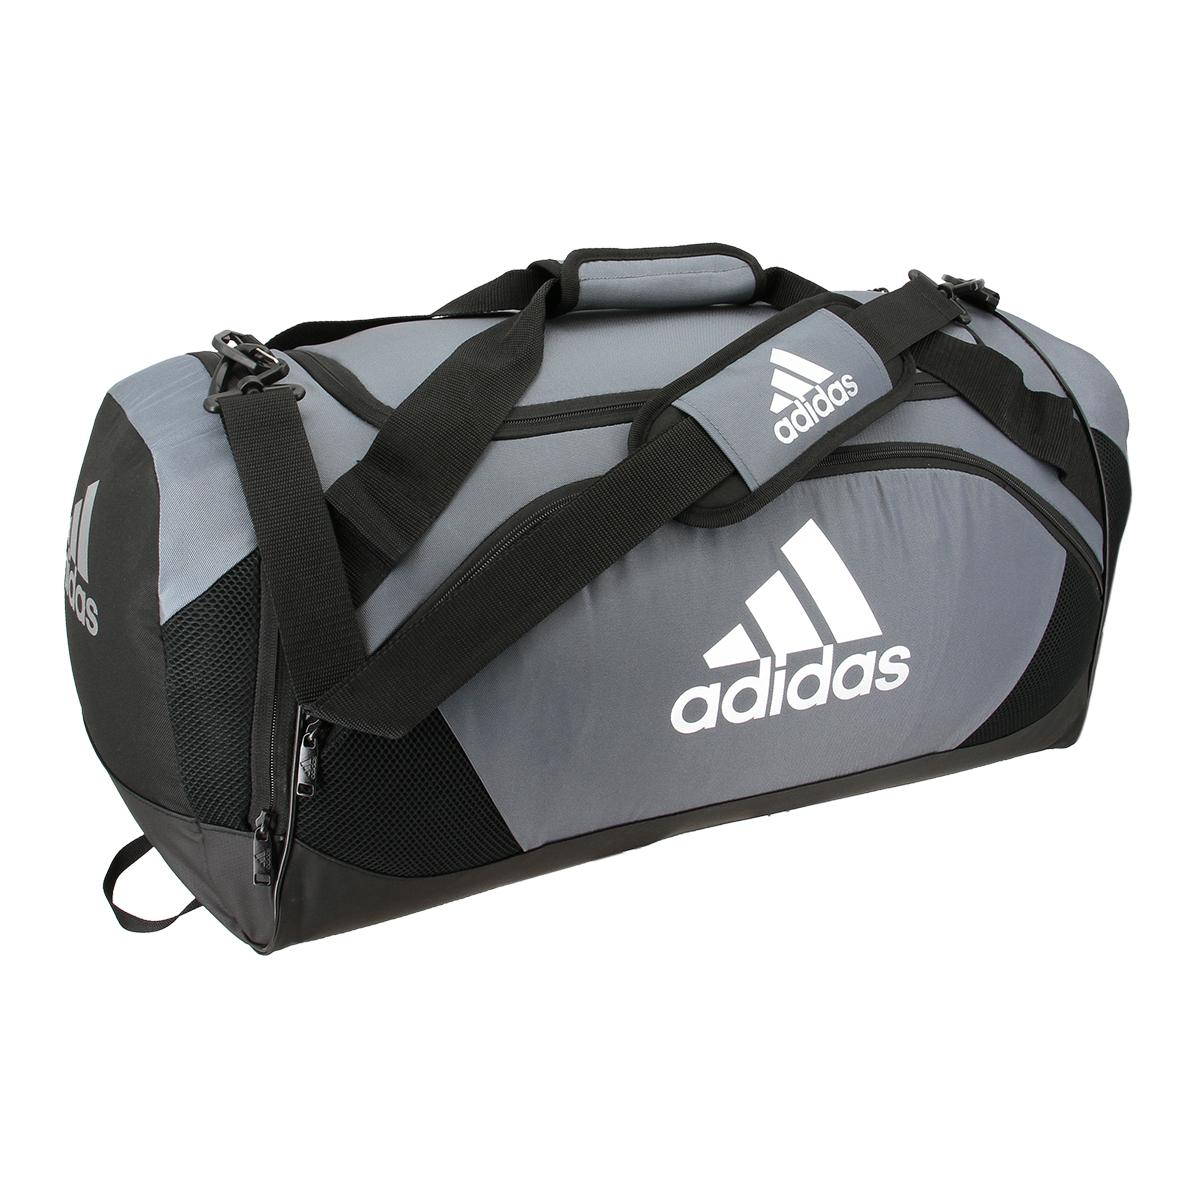 d6559242fed6 Adidas Team Issue Duffel-Medium